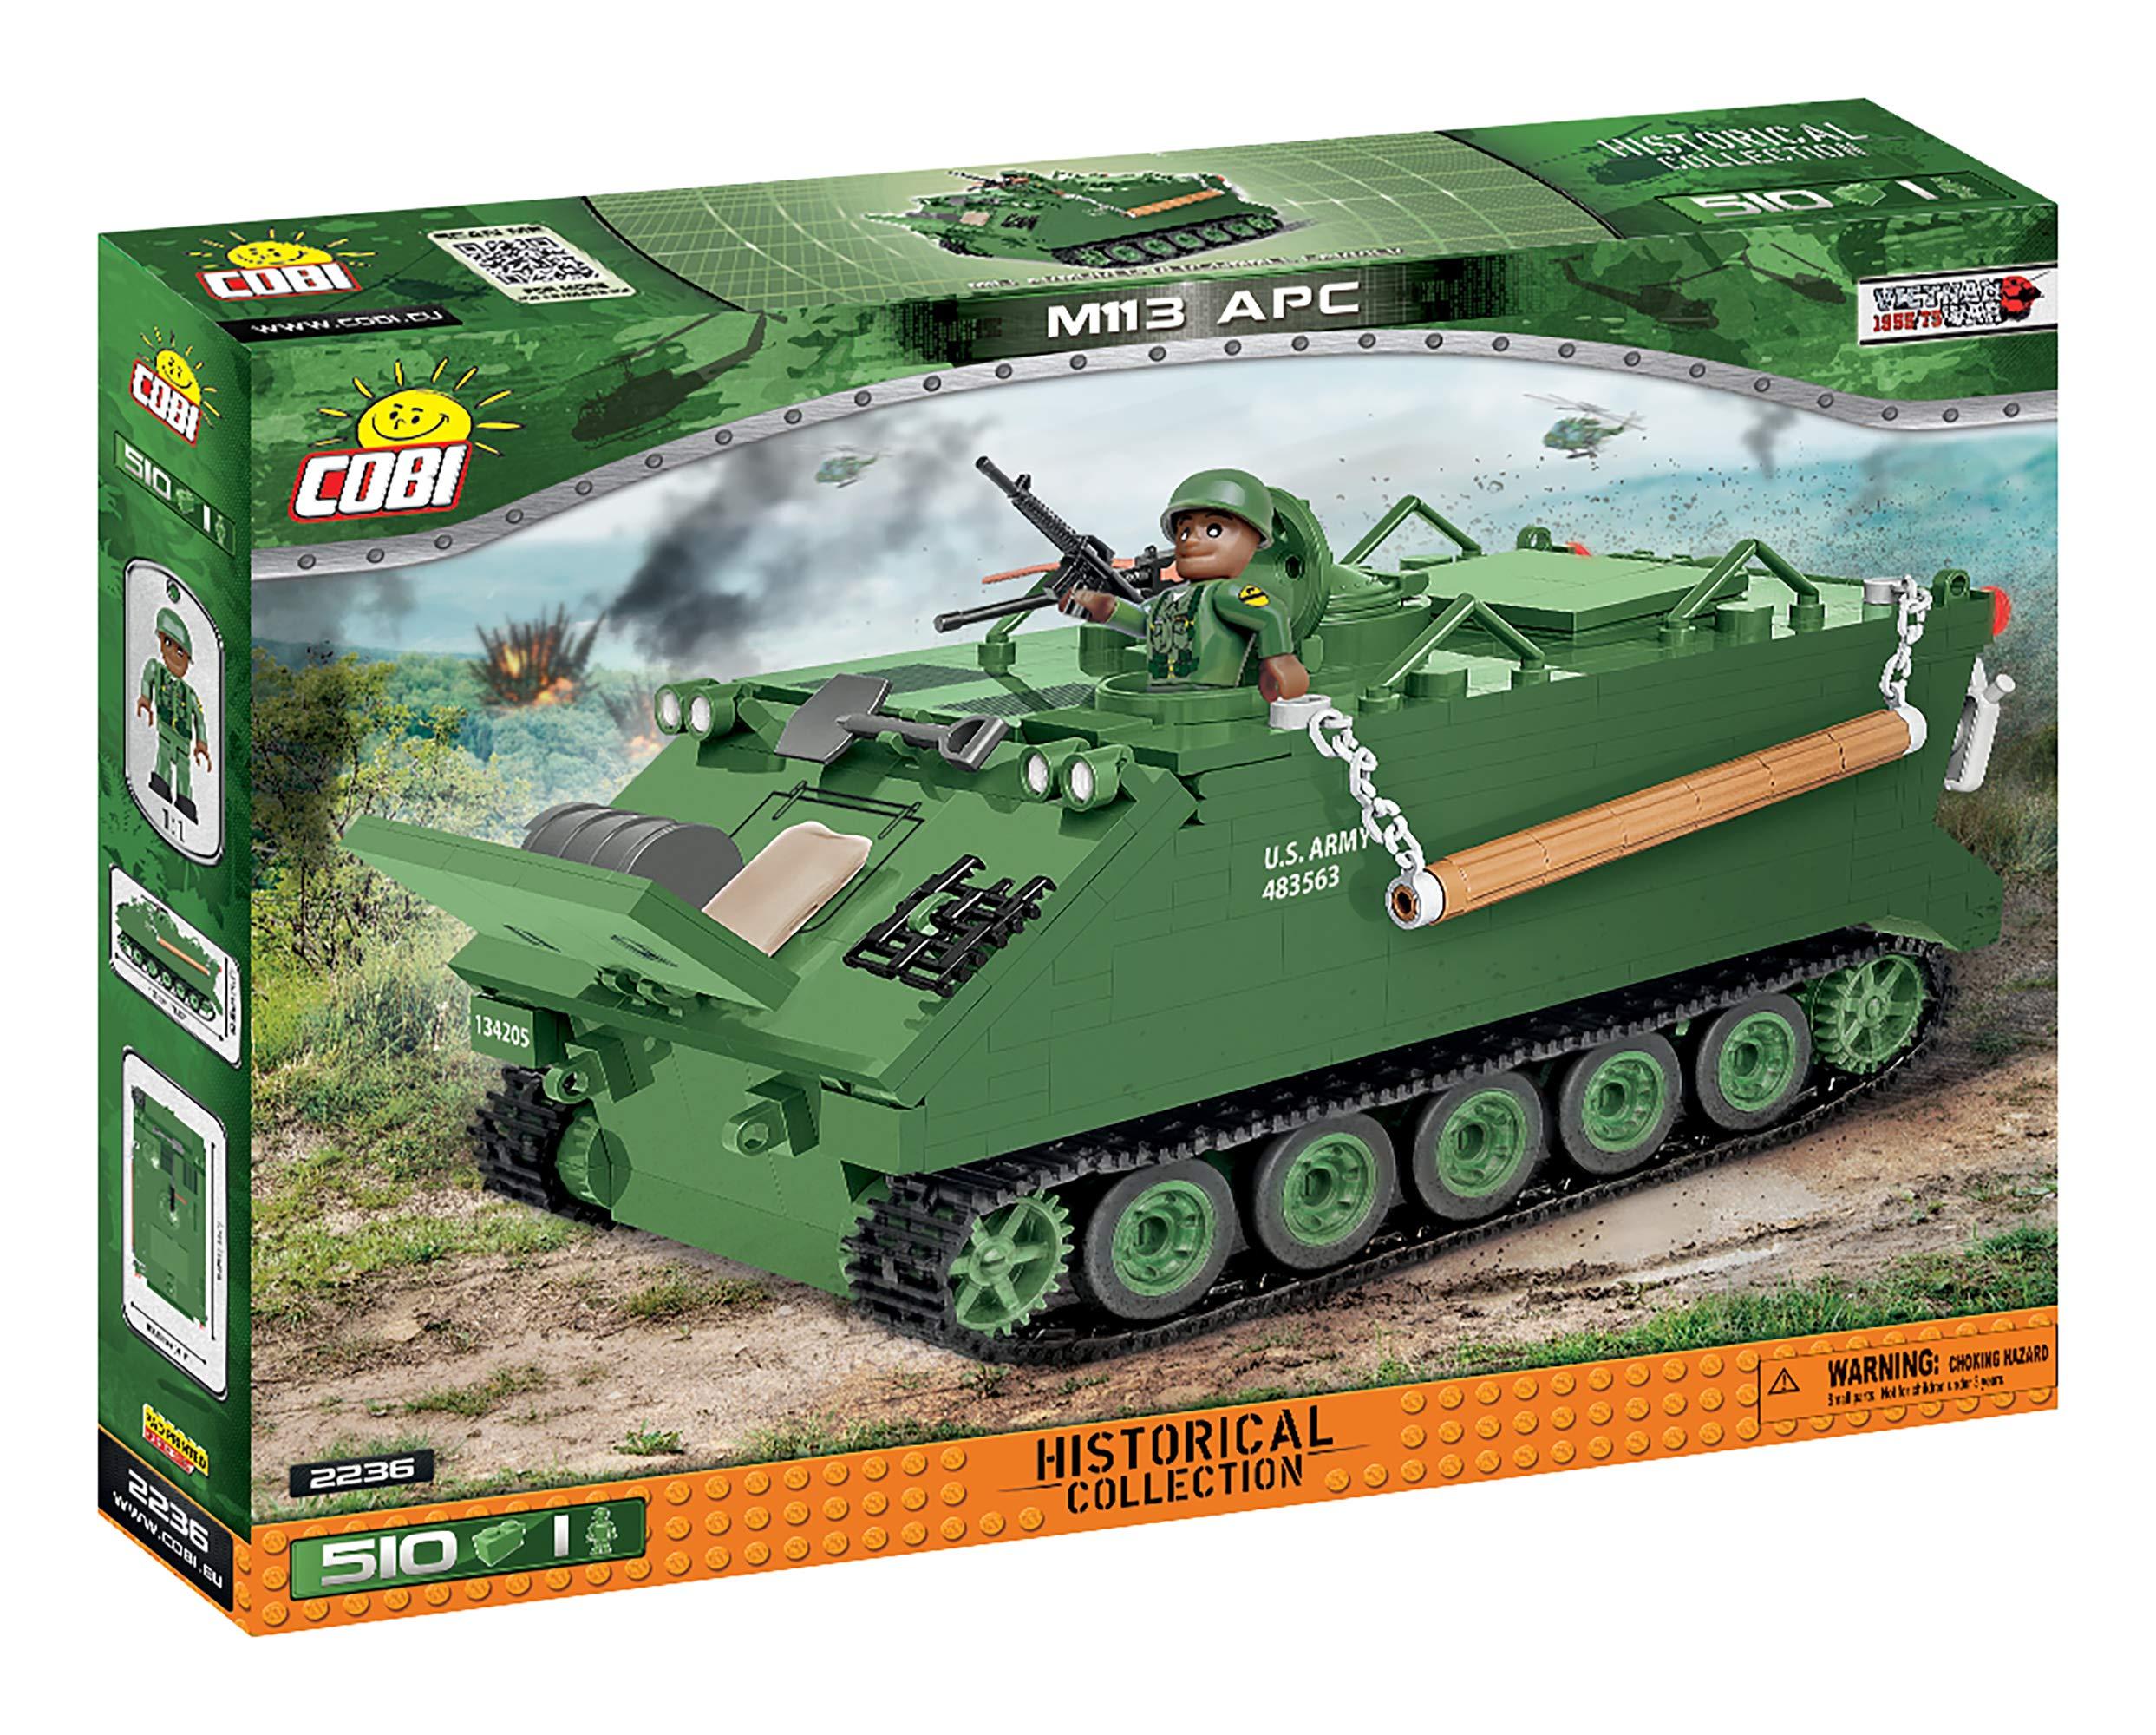 COBI Maqueta Tanque M113 APC. Historical Collection. Mod 2236.: Amazon.es: Juguetes y juegos